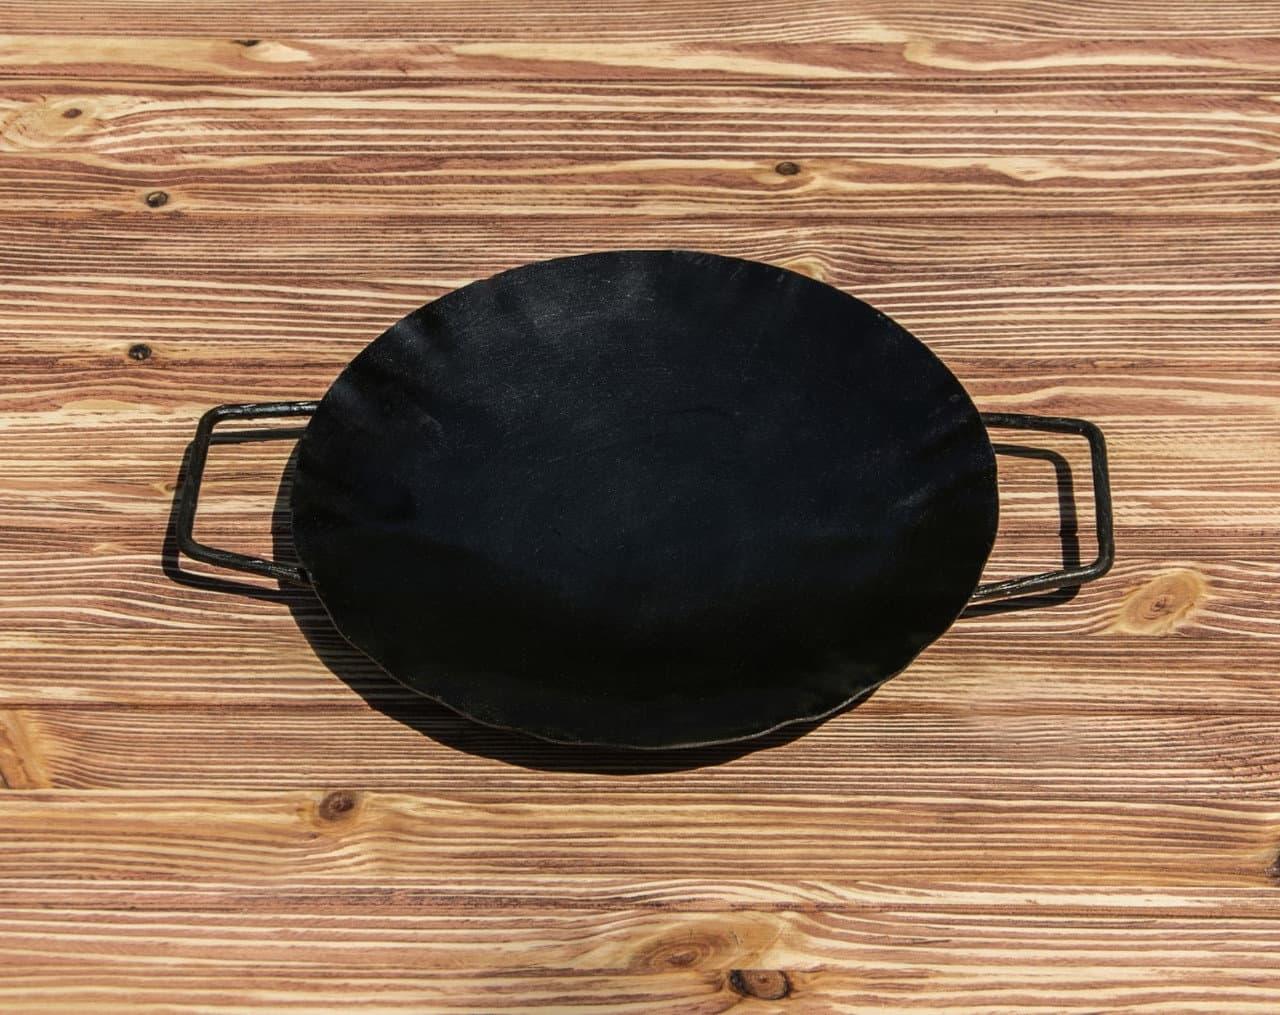 Садж сковорода 35 см, сталь + подставка кованная с ручкой - фото 8499